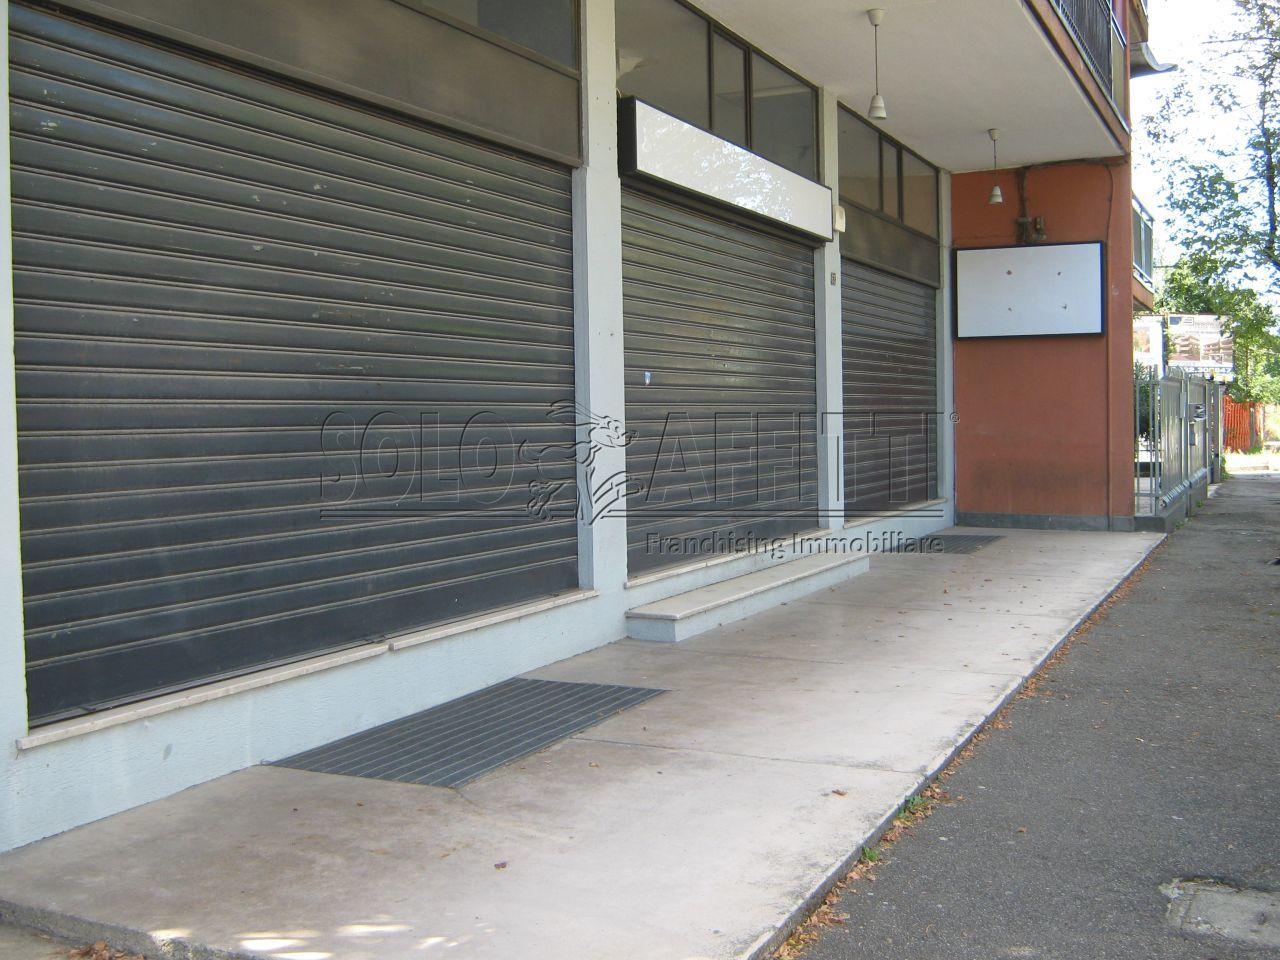 Affitto fondo negozio 3 vetrine luci arredato for Affitto bovisio masciago arredato